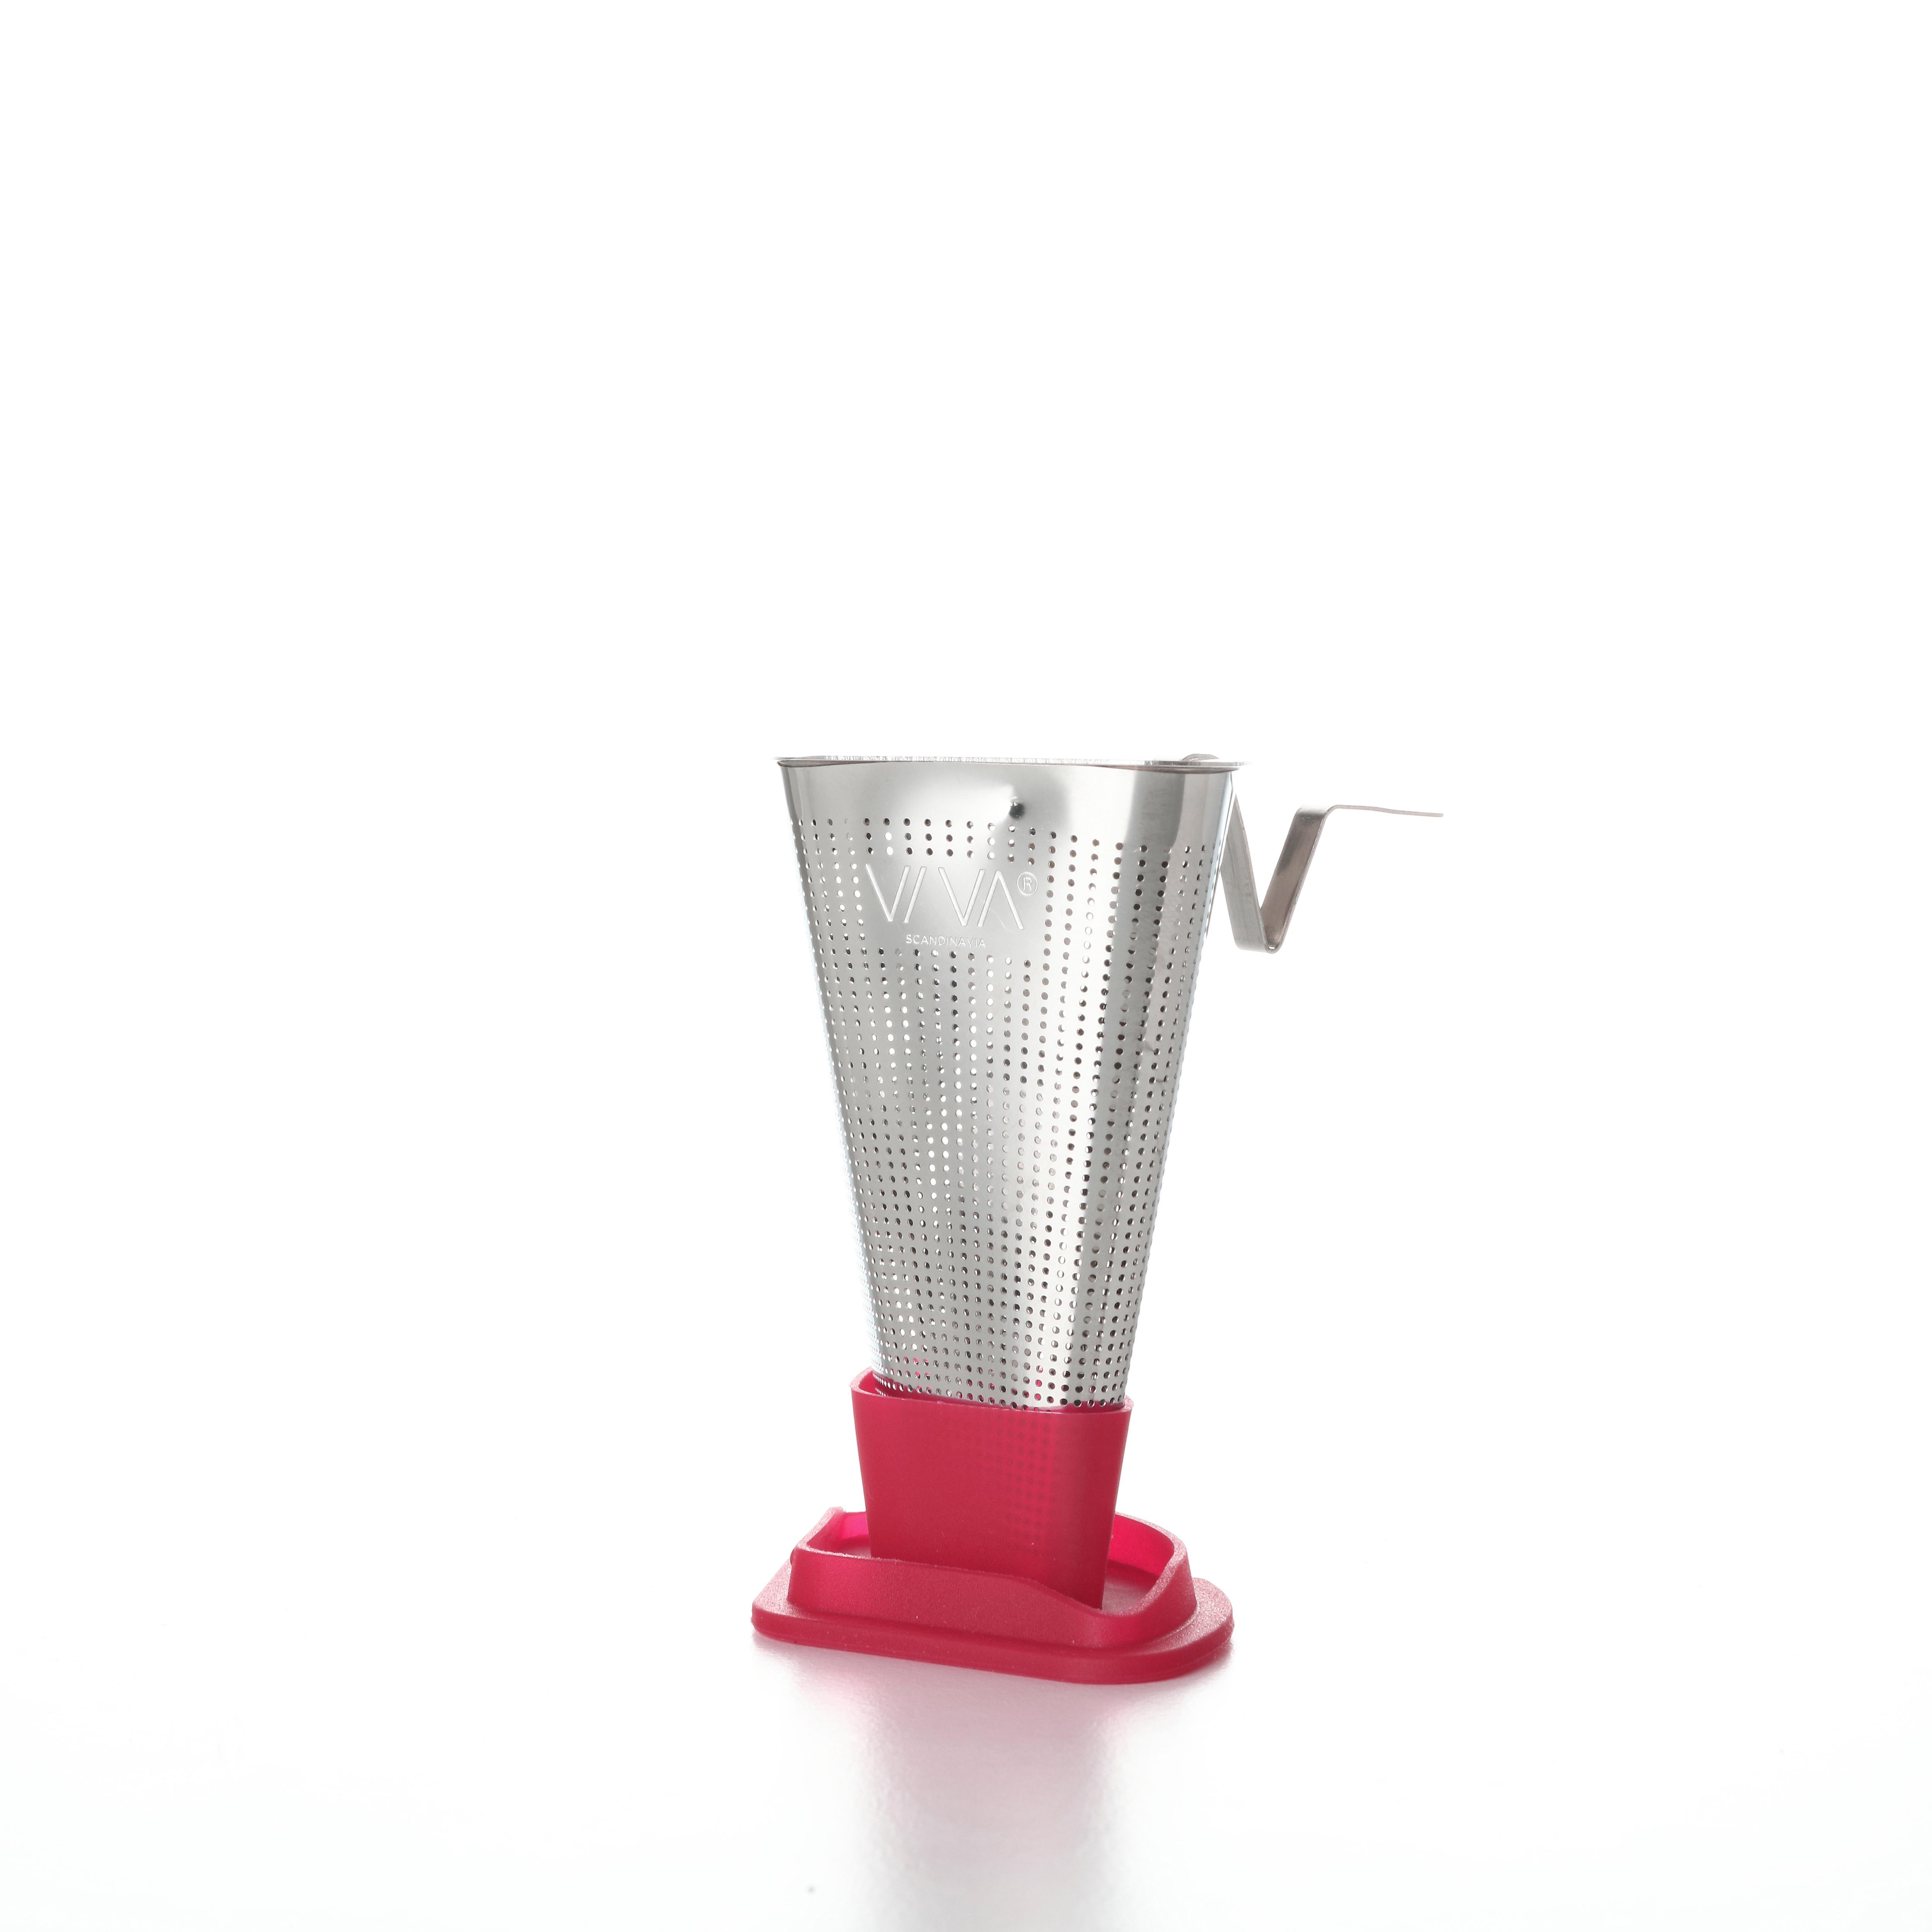 Infusion - Infuseur à thé Anytime en présentoir - Vrac - Kusmi Tea